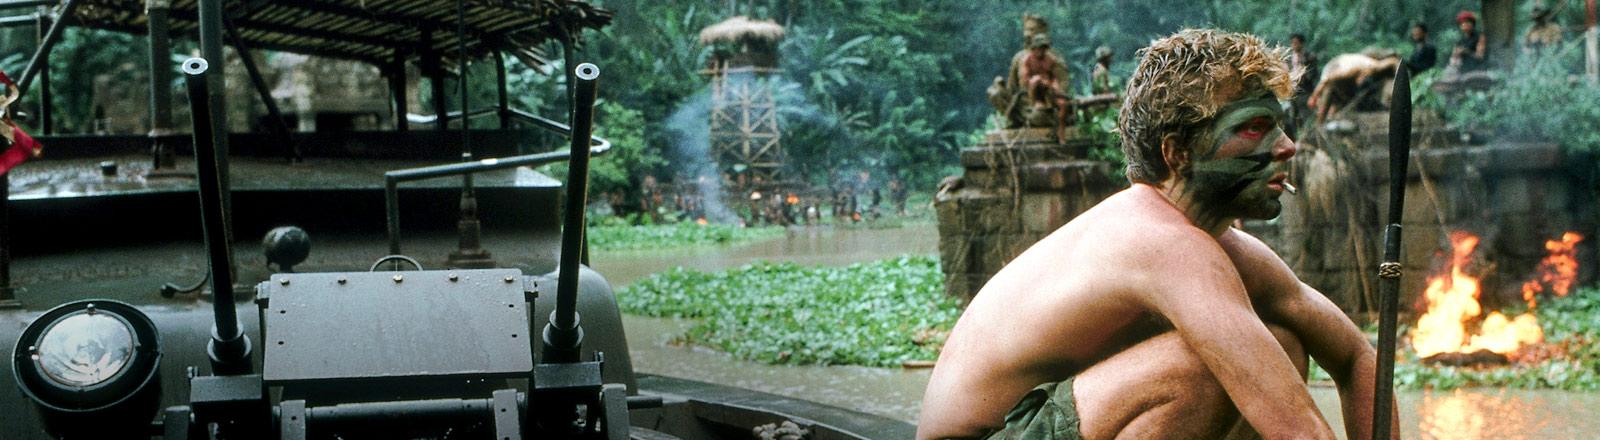 """Szene aus dem Film """"Apocalypse Now"""": Ein Soldat sitzt im Dschungel auf einem Militärfahrzeug."""